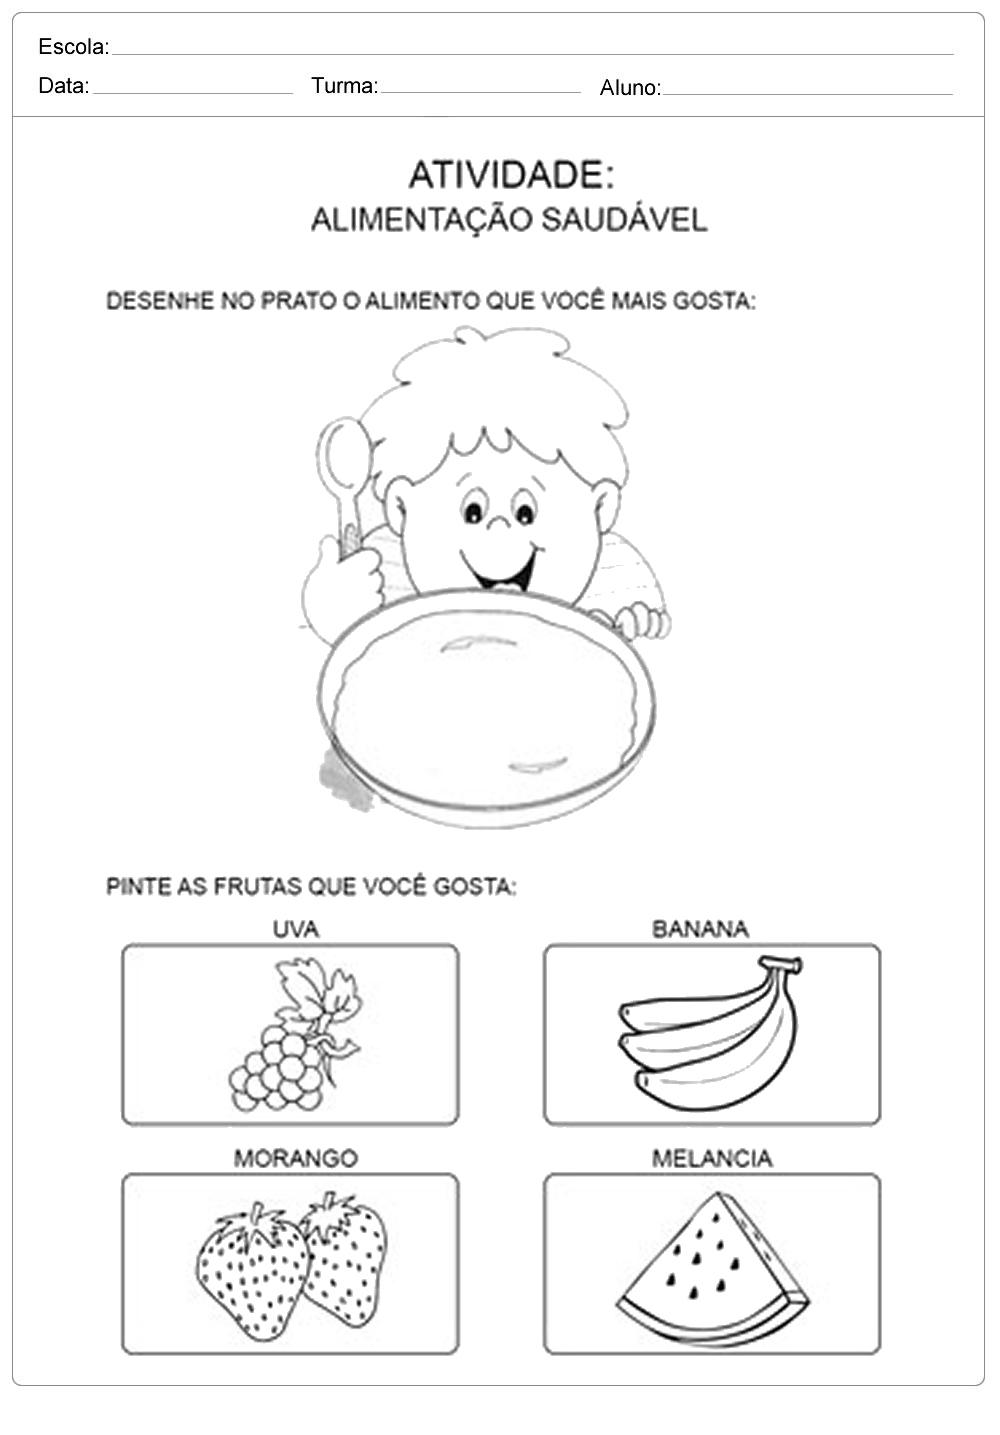 Alimentação Saudável Desenhe